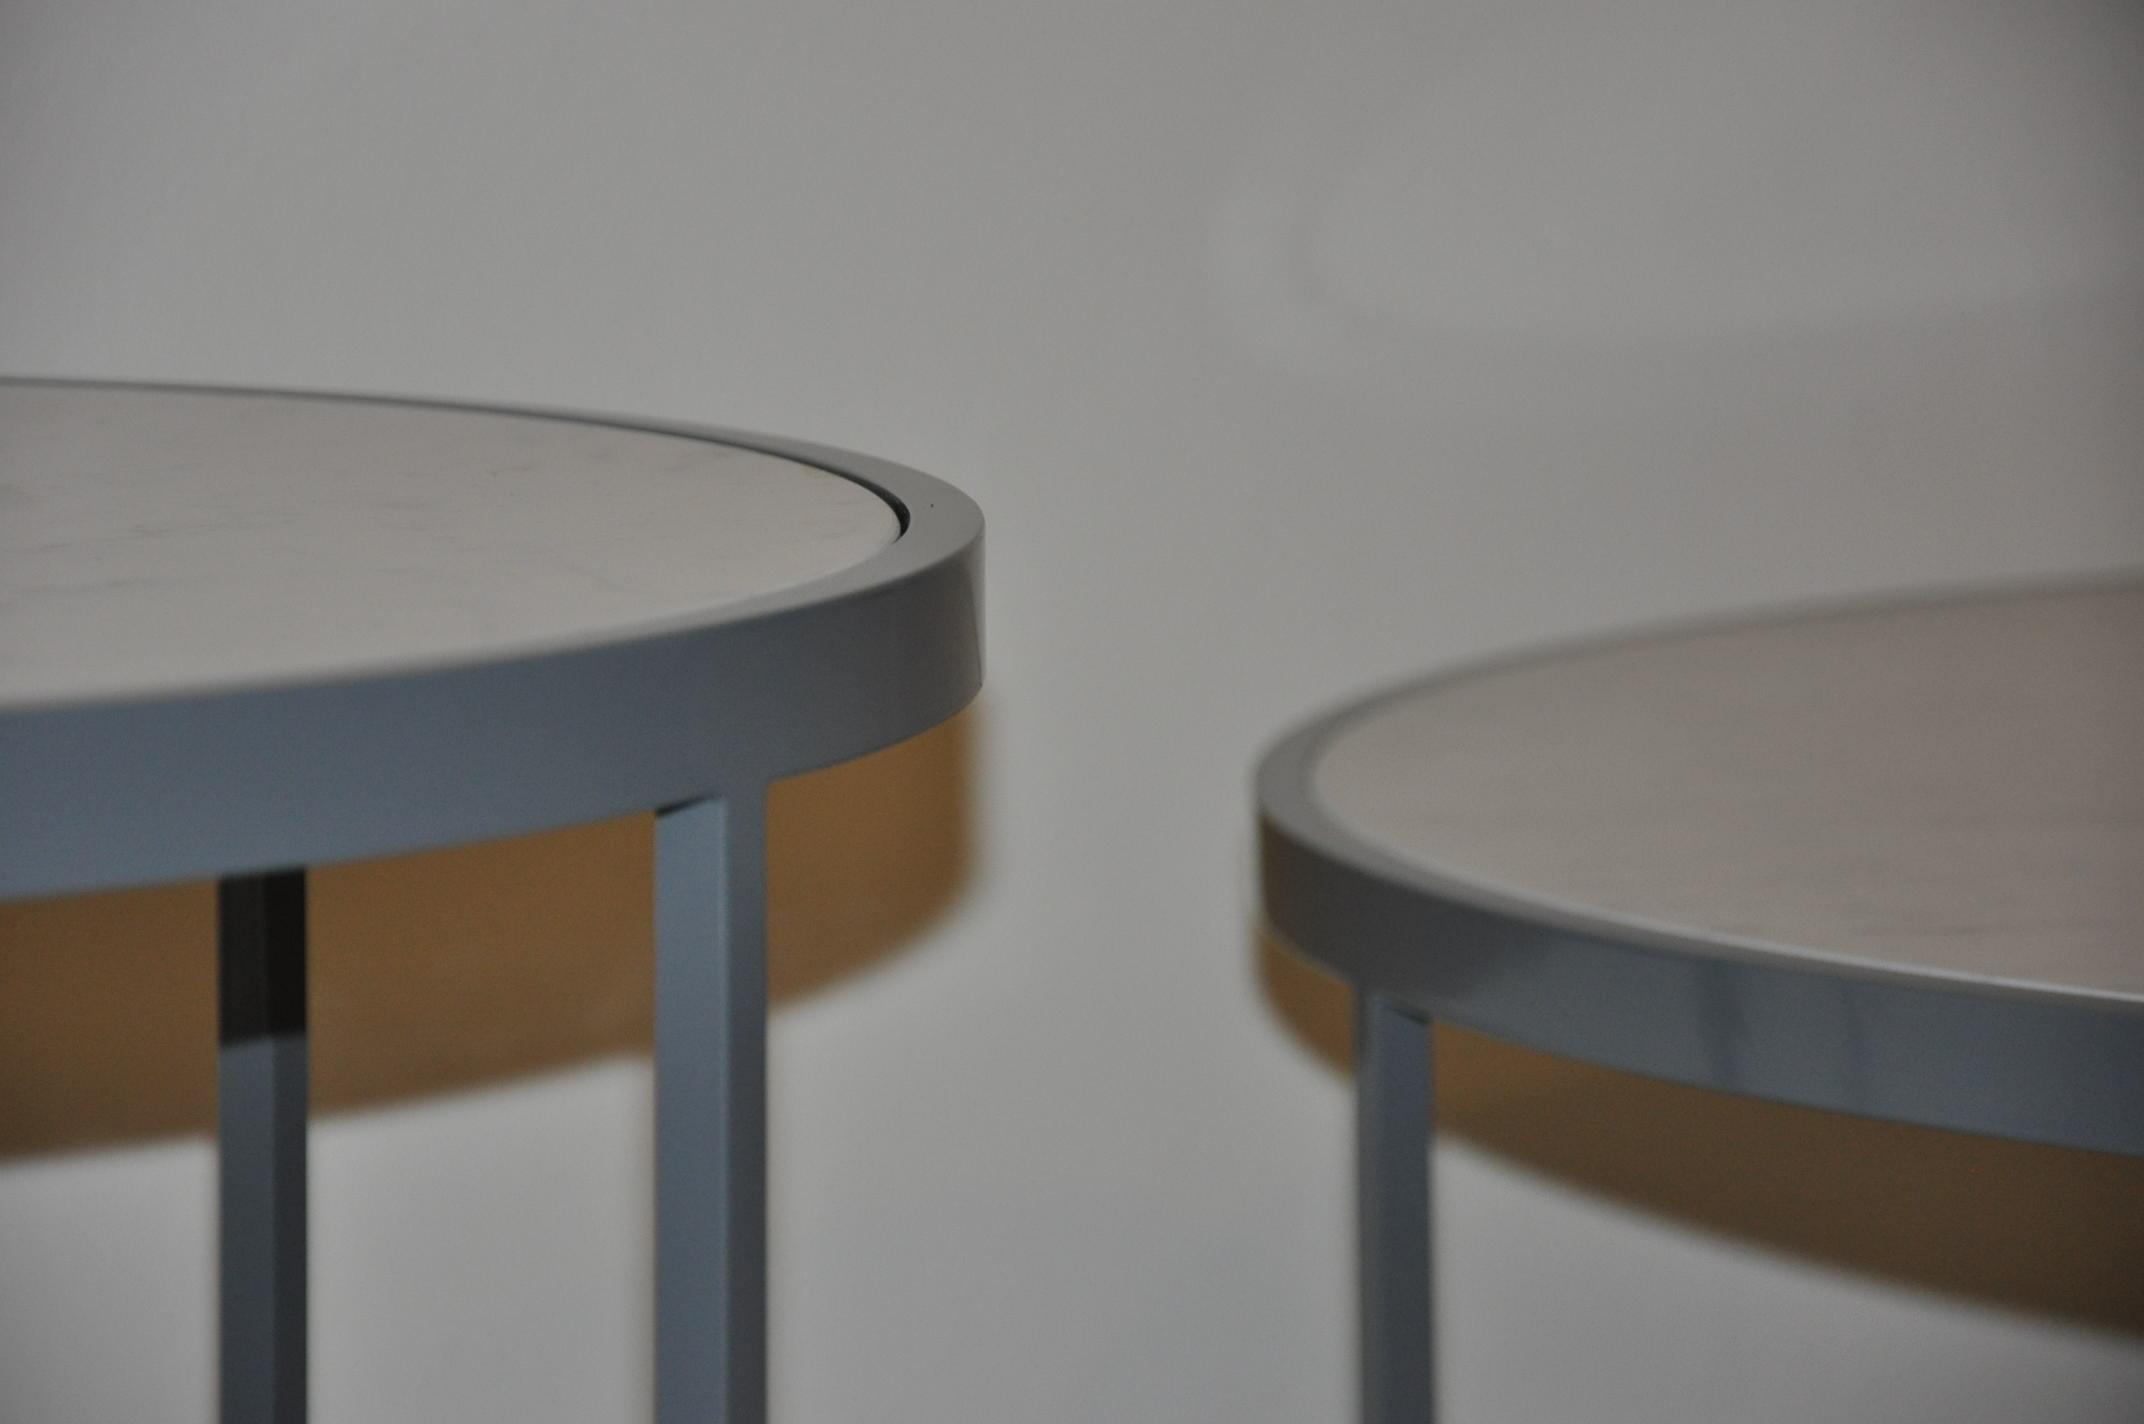 Soffbord Asplund Tati med Carrara marmor AllForSale se Begagnatär det nya